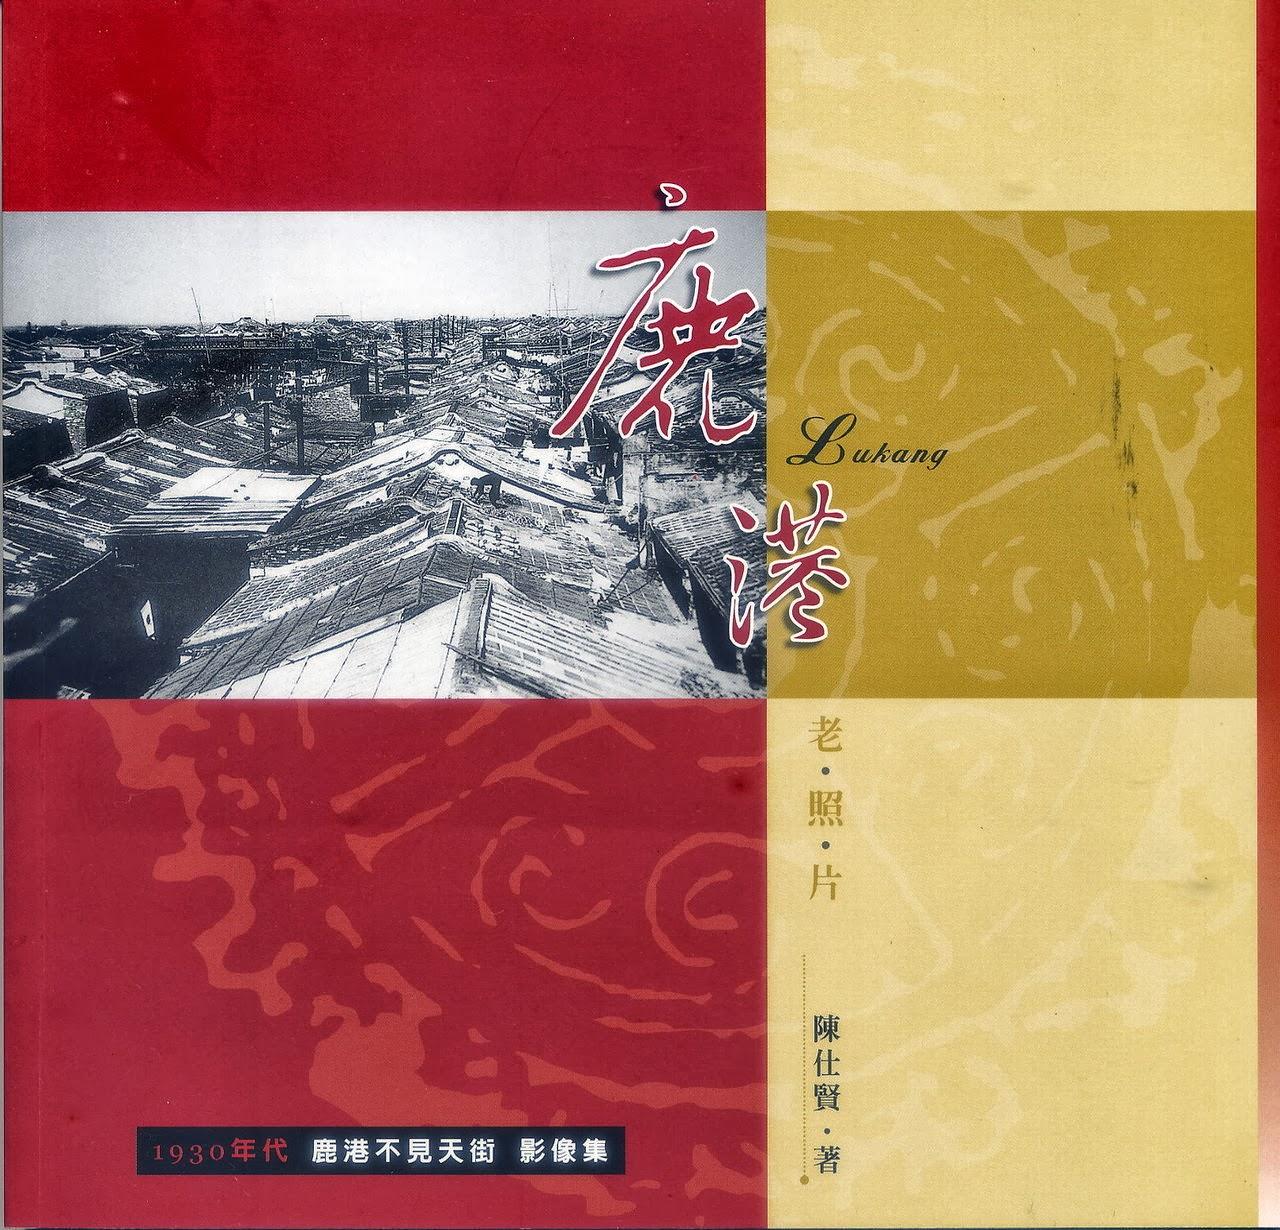 鹿港老照片:1930年代鹿港不見天街影像集